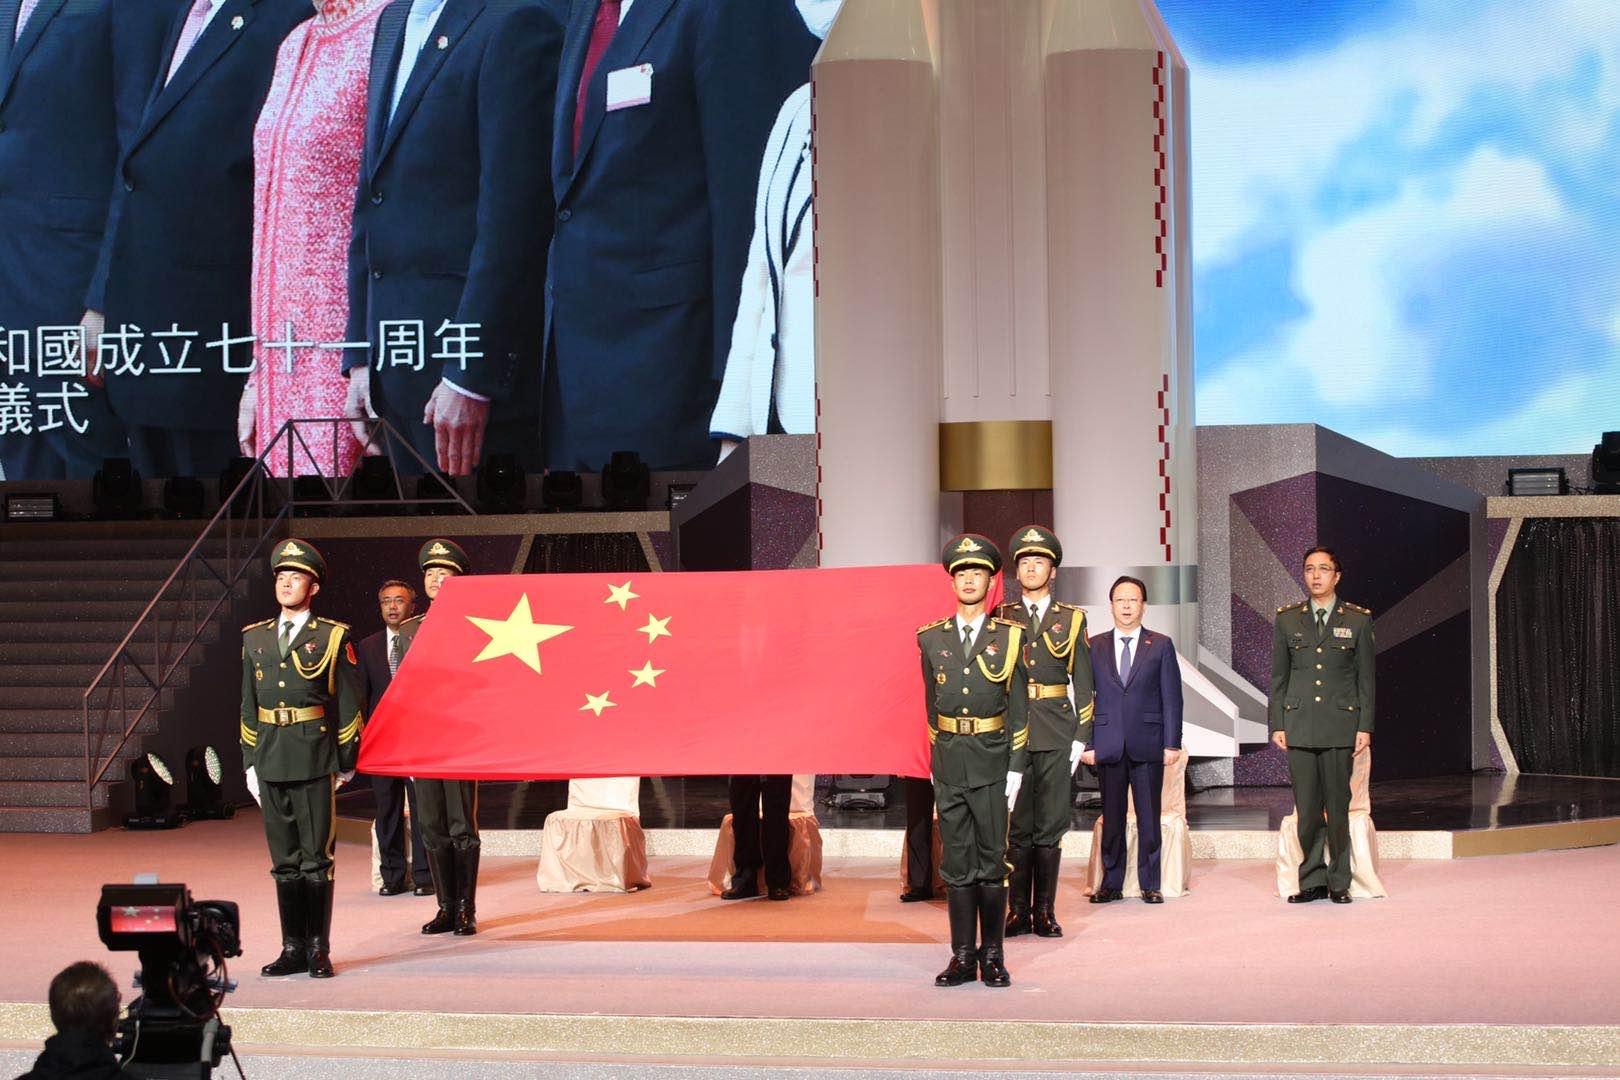 解放軍旗手護衛國旗步出,晚會拉開序幕。(大公文匯全媒體記者攝)